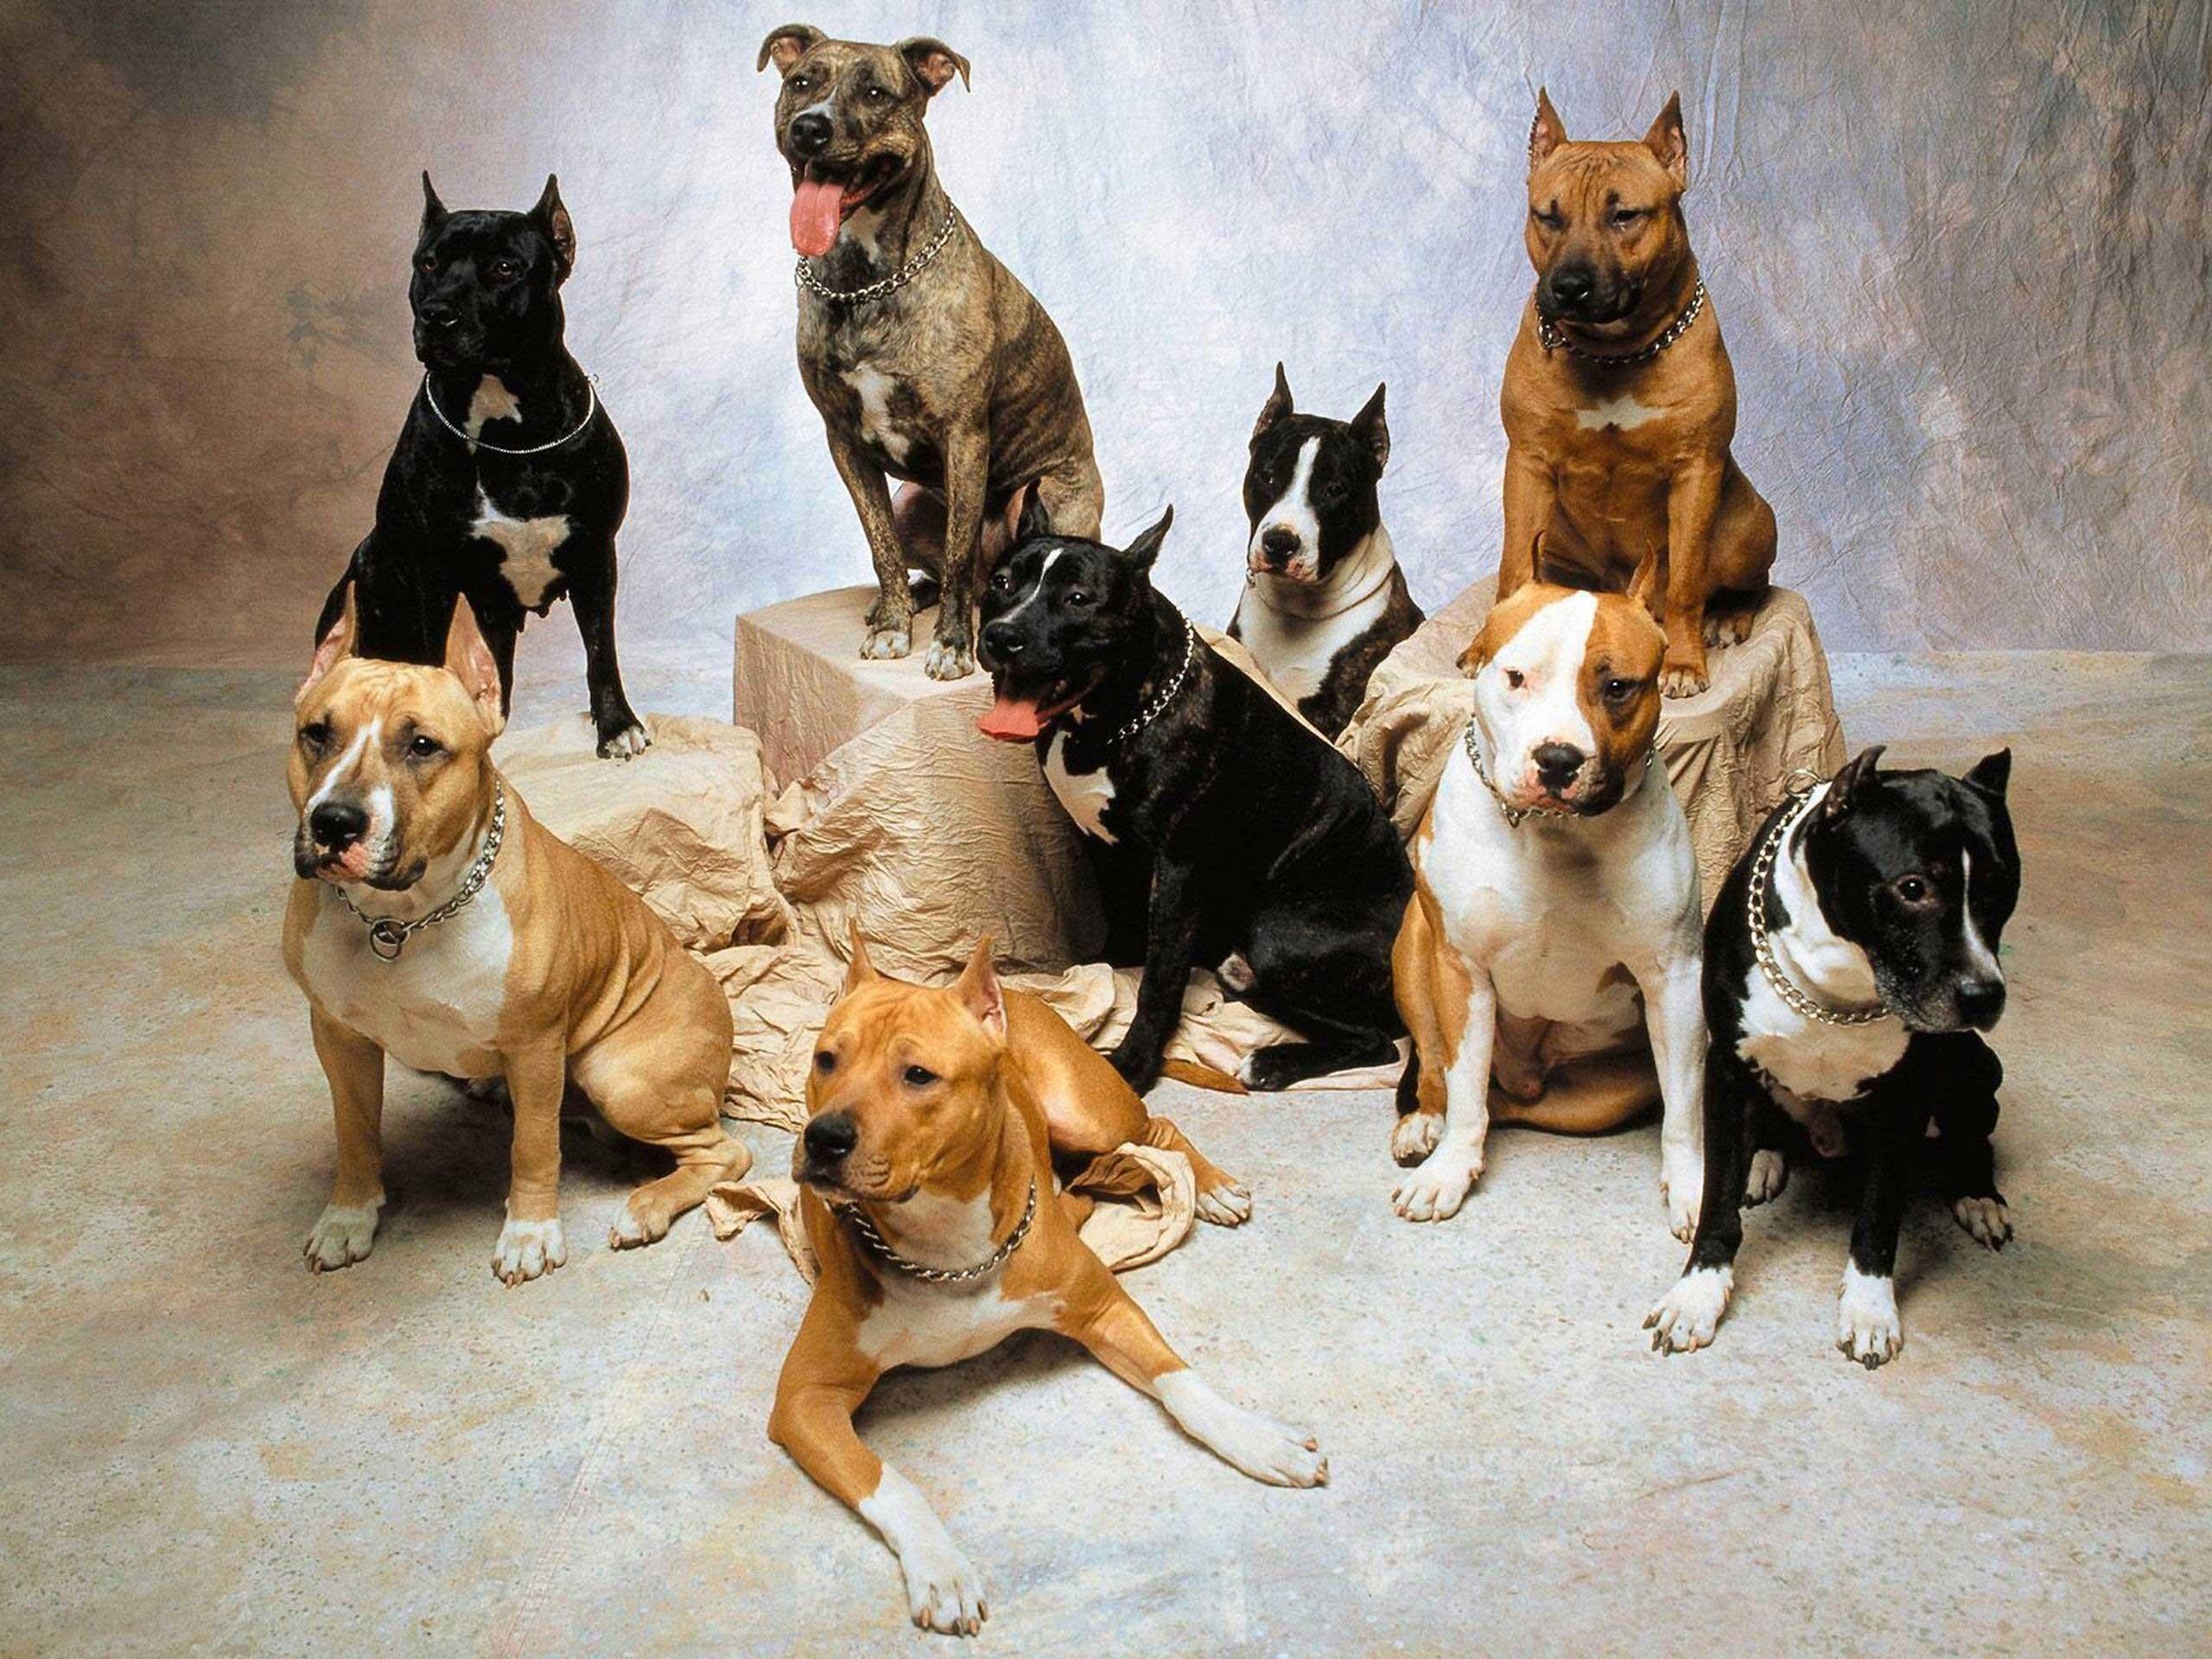 pitbull terrier wallpaper 43 images